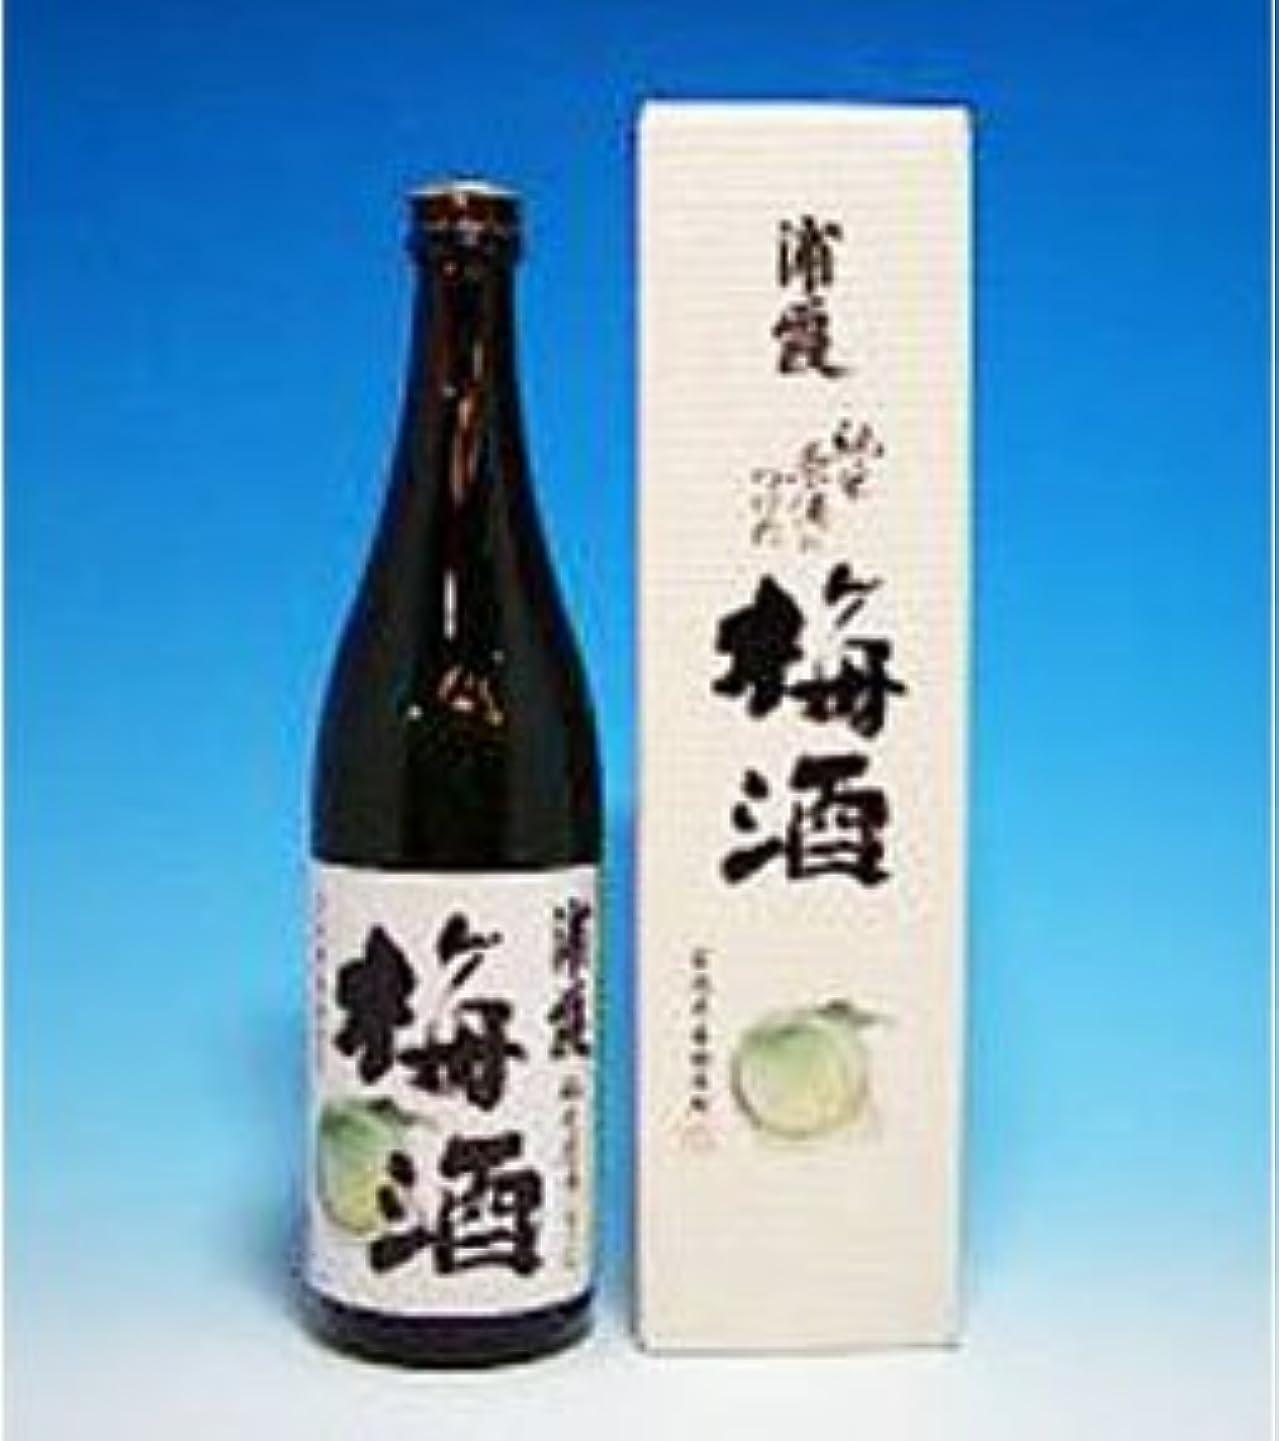 フレットそのようなワイン浦霞の梅酒(化粧箱入り) 720ML